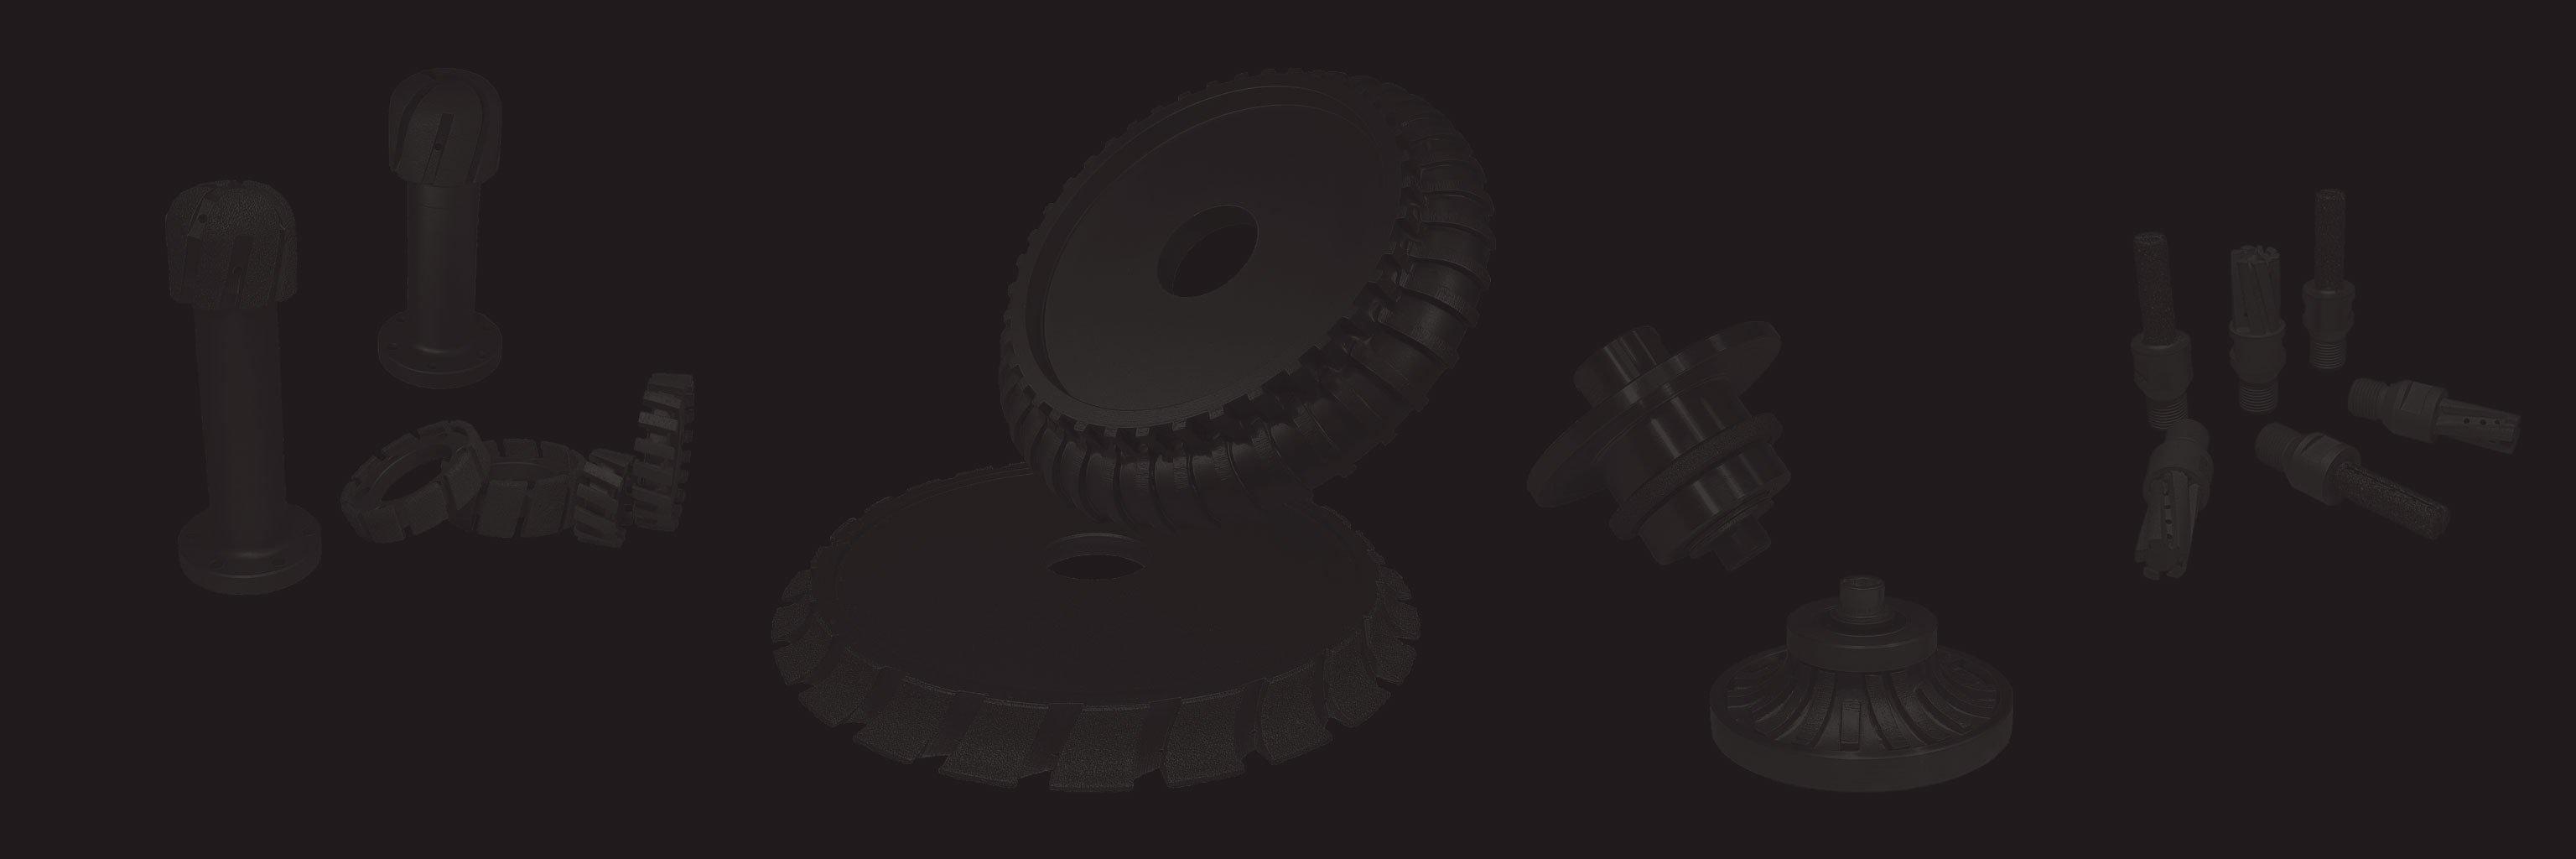 Sfondo collage di utensili diamantati